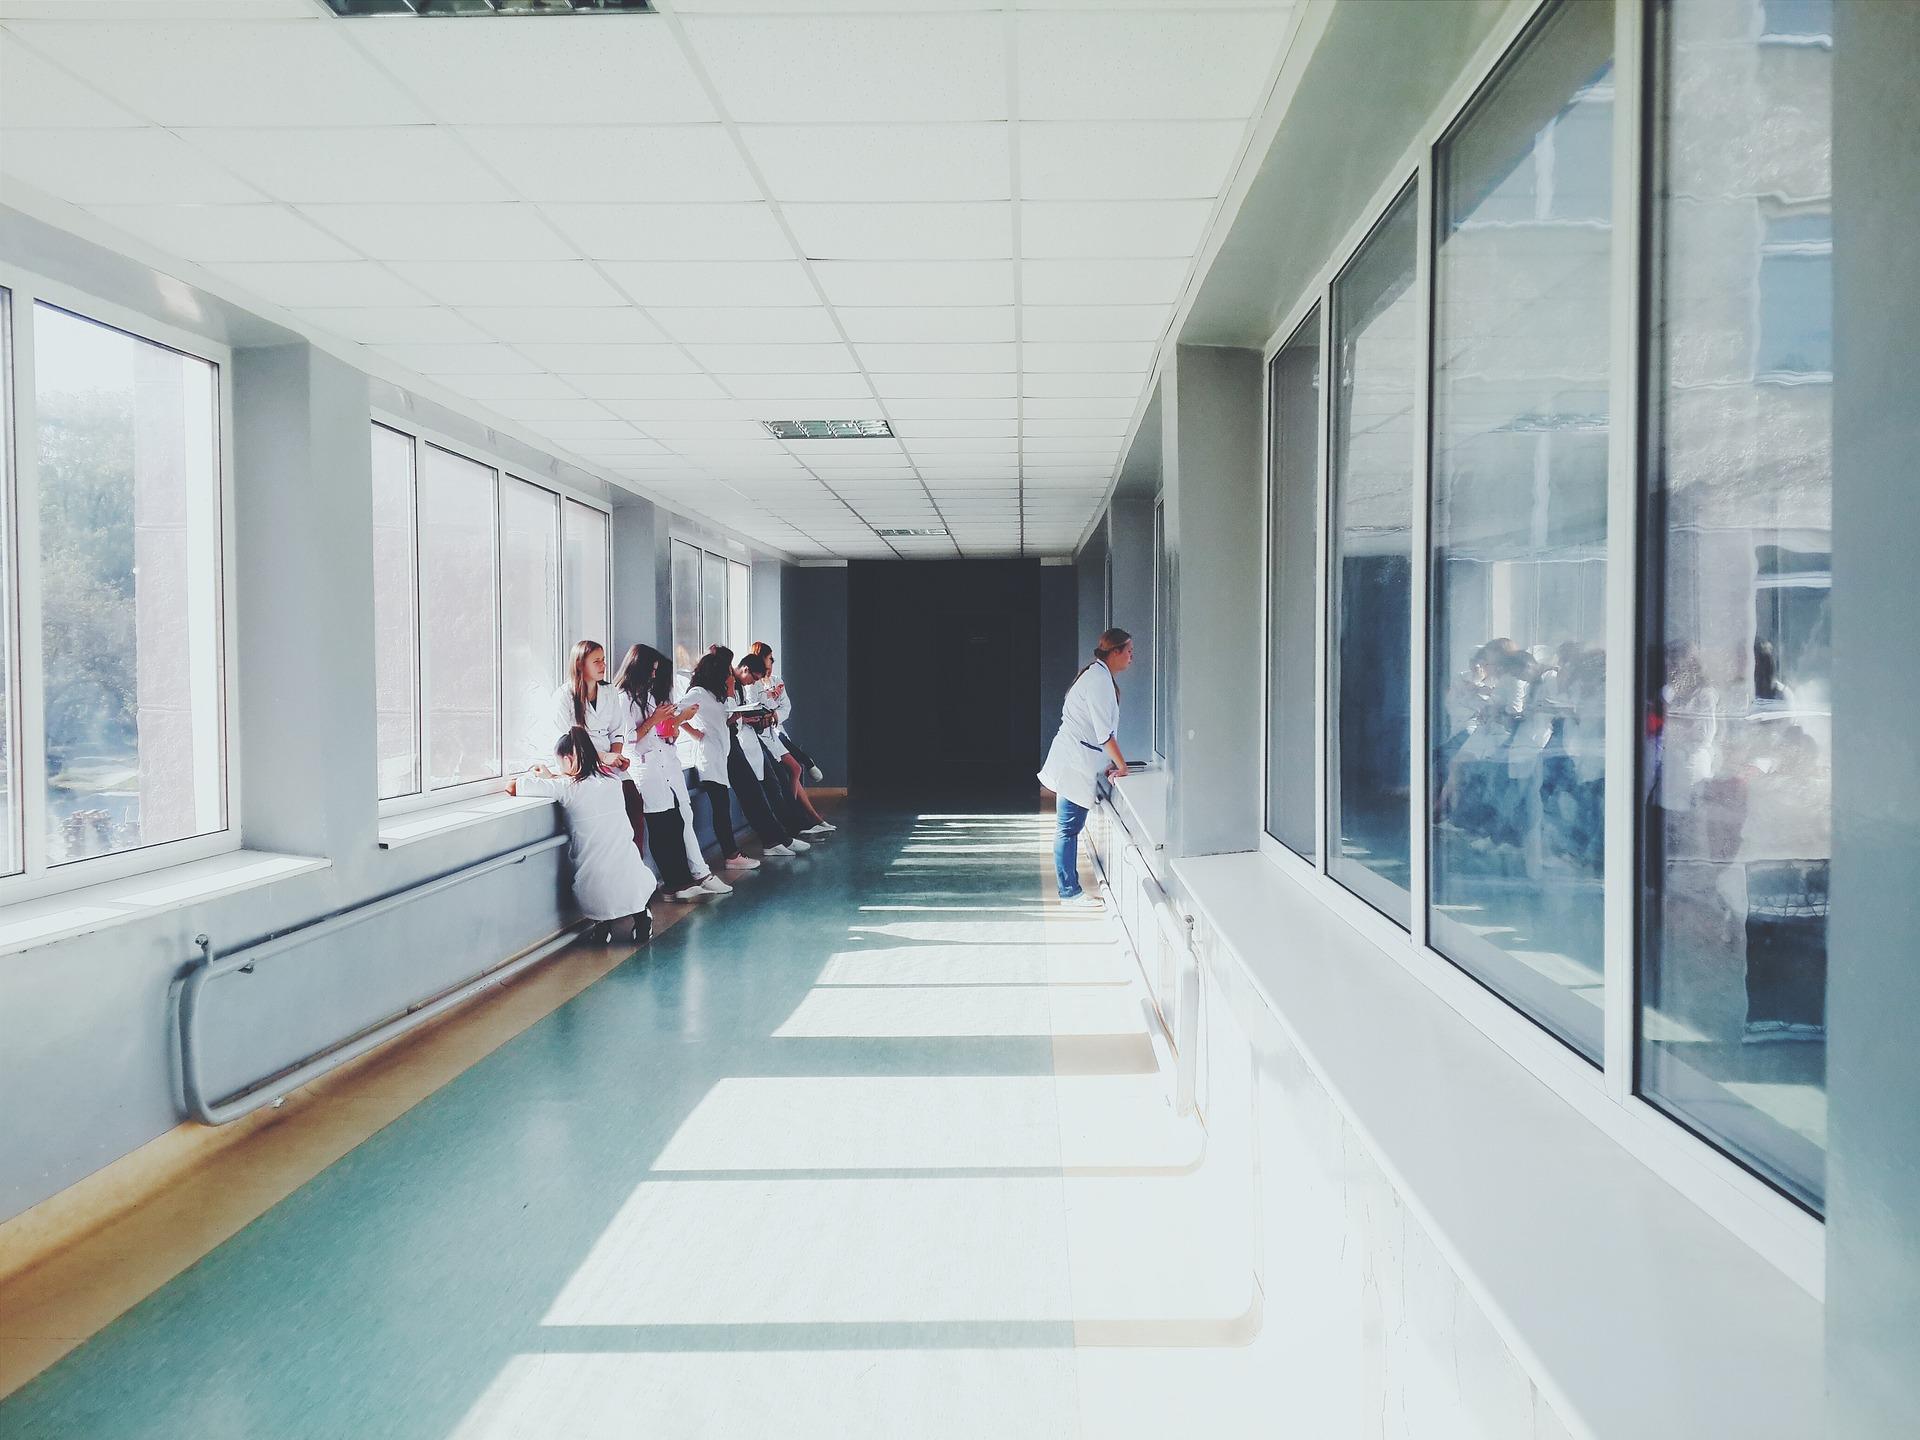 Annonces Santé: des rustines pour les urgences. A quand une réponse à la hauteur des enjeux?